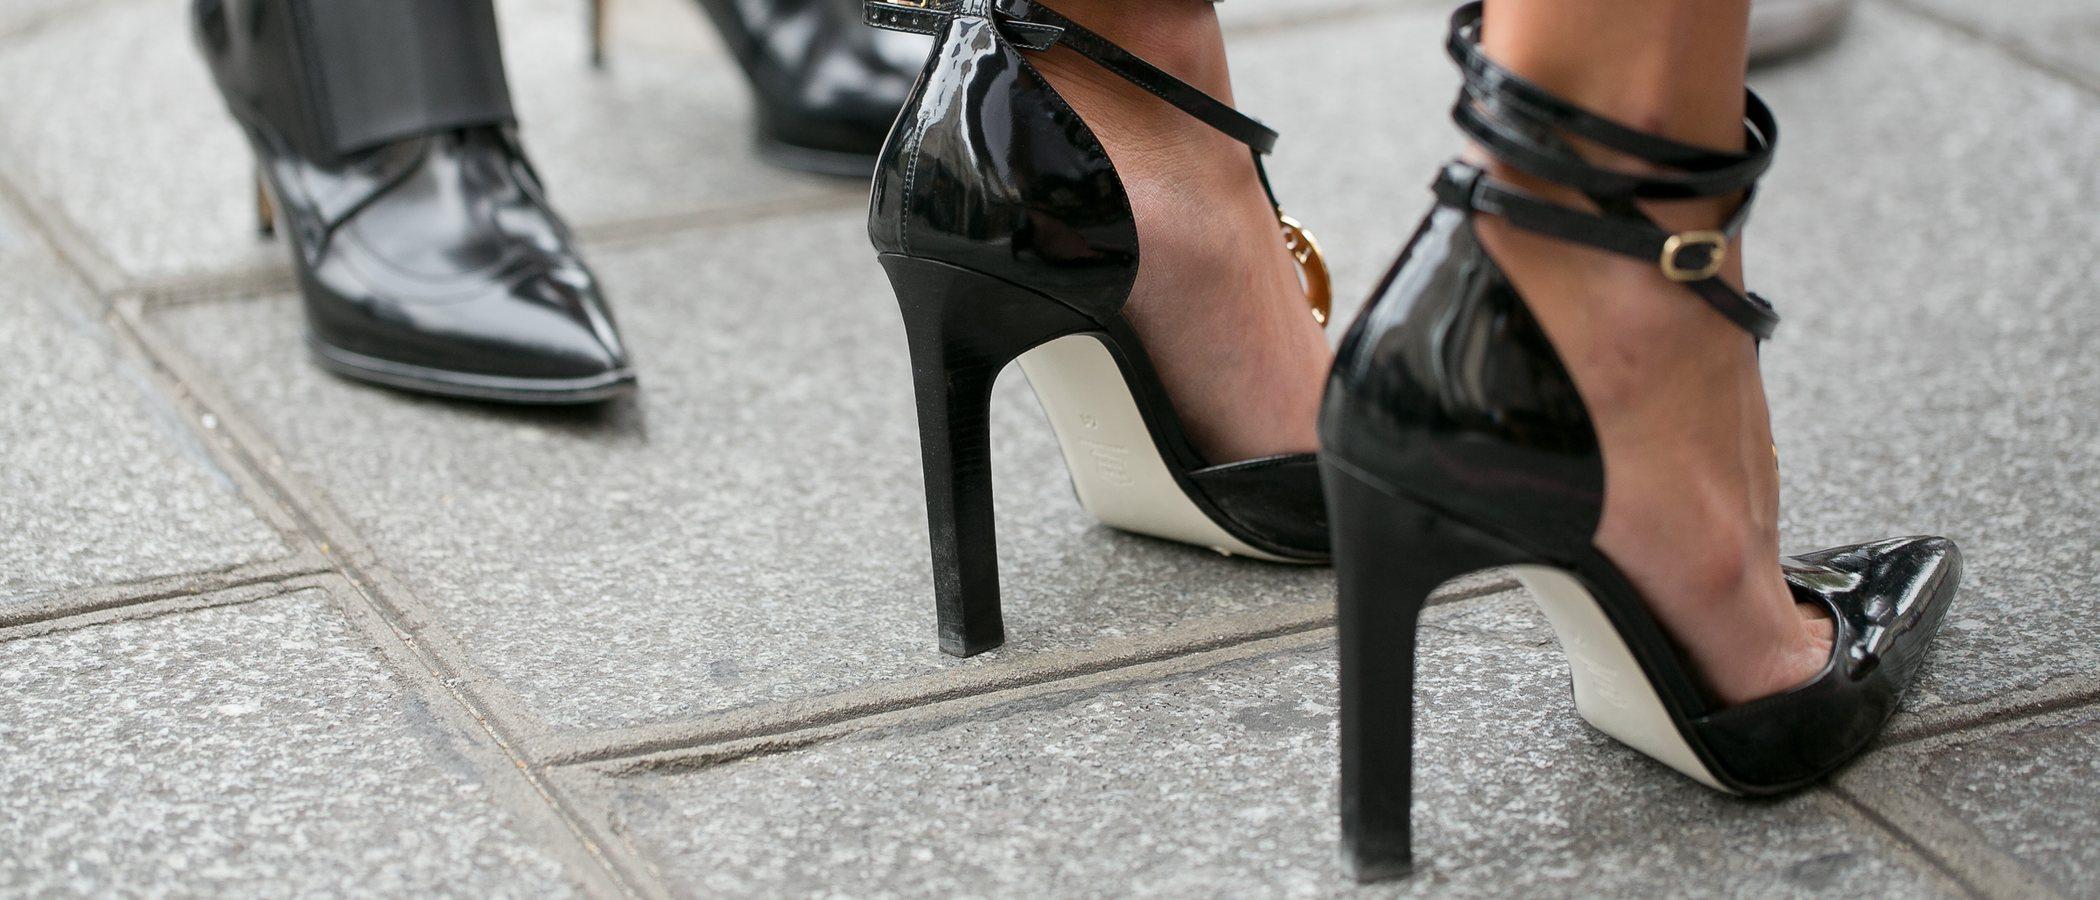 47dea1420 Consejos para elegir zapatos de fiesta - Bekia Moda